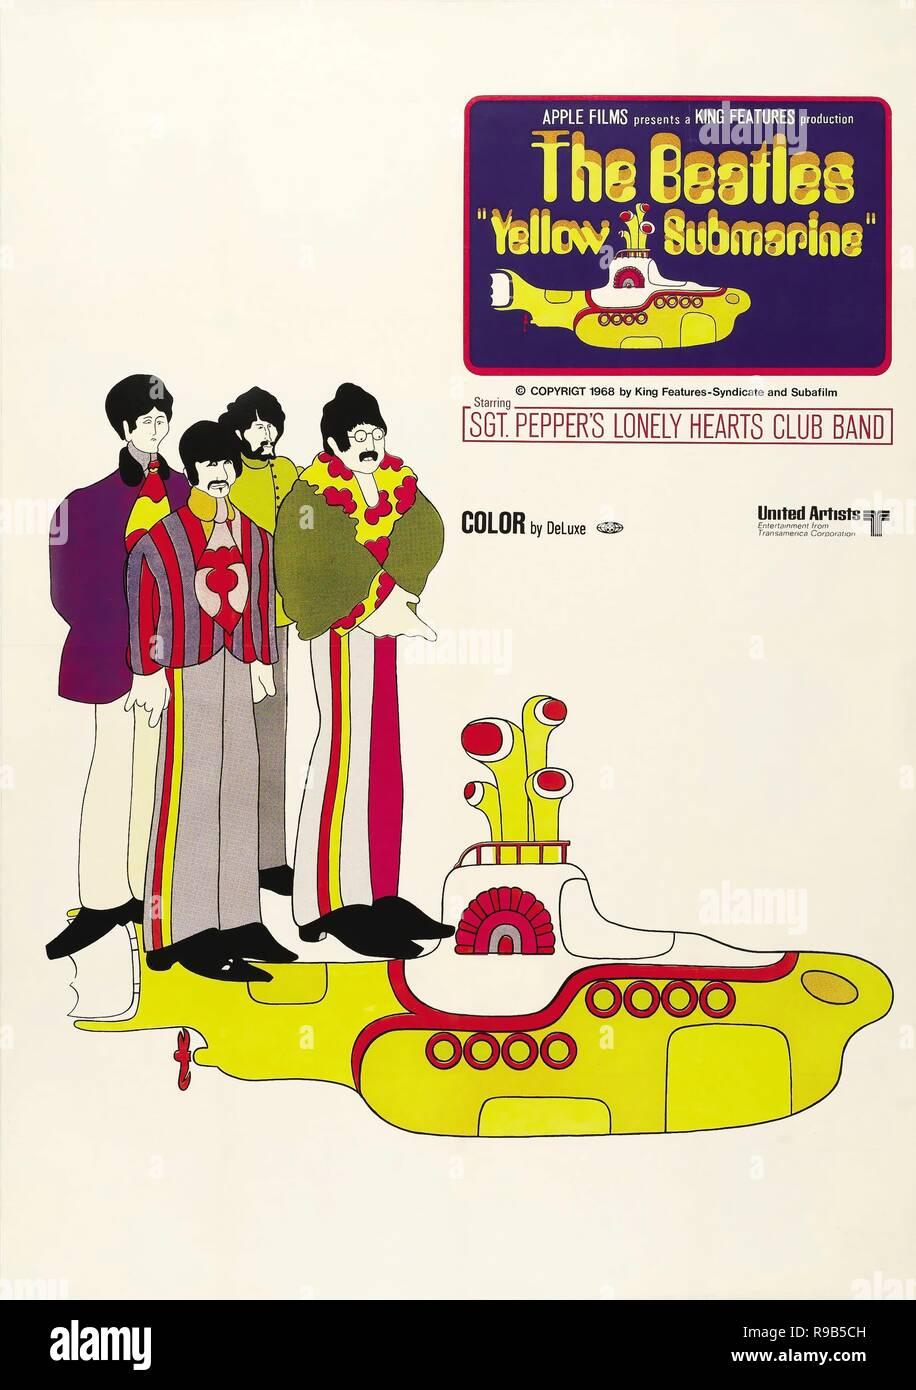 El título de la película original: Yellow Submarine. Título en inglés: Yellow Submarine. Año: 1968. Director: GEORGE DUNNING. Crédito: Apple Corps / Álbum Imagen De Stock